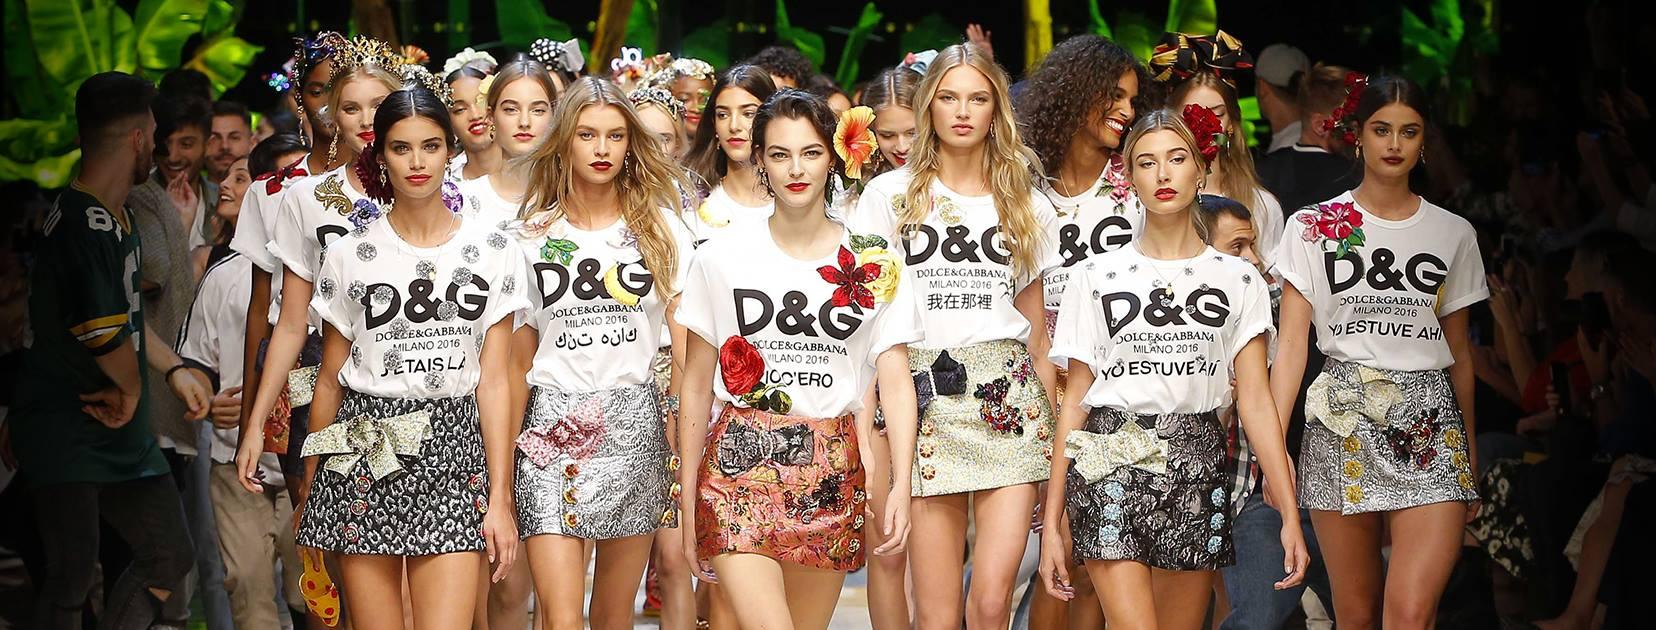 Dolce & Gabbana Primavera Estate 2017: le foto della sfilata a Milano